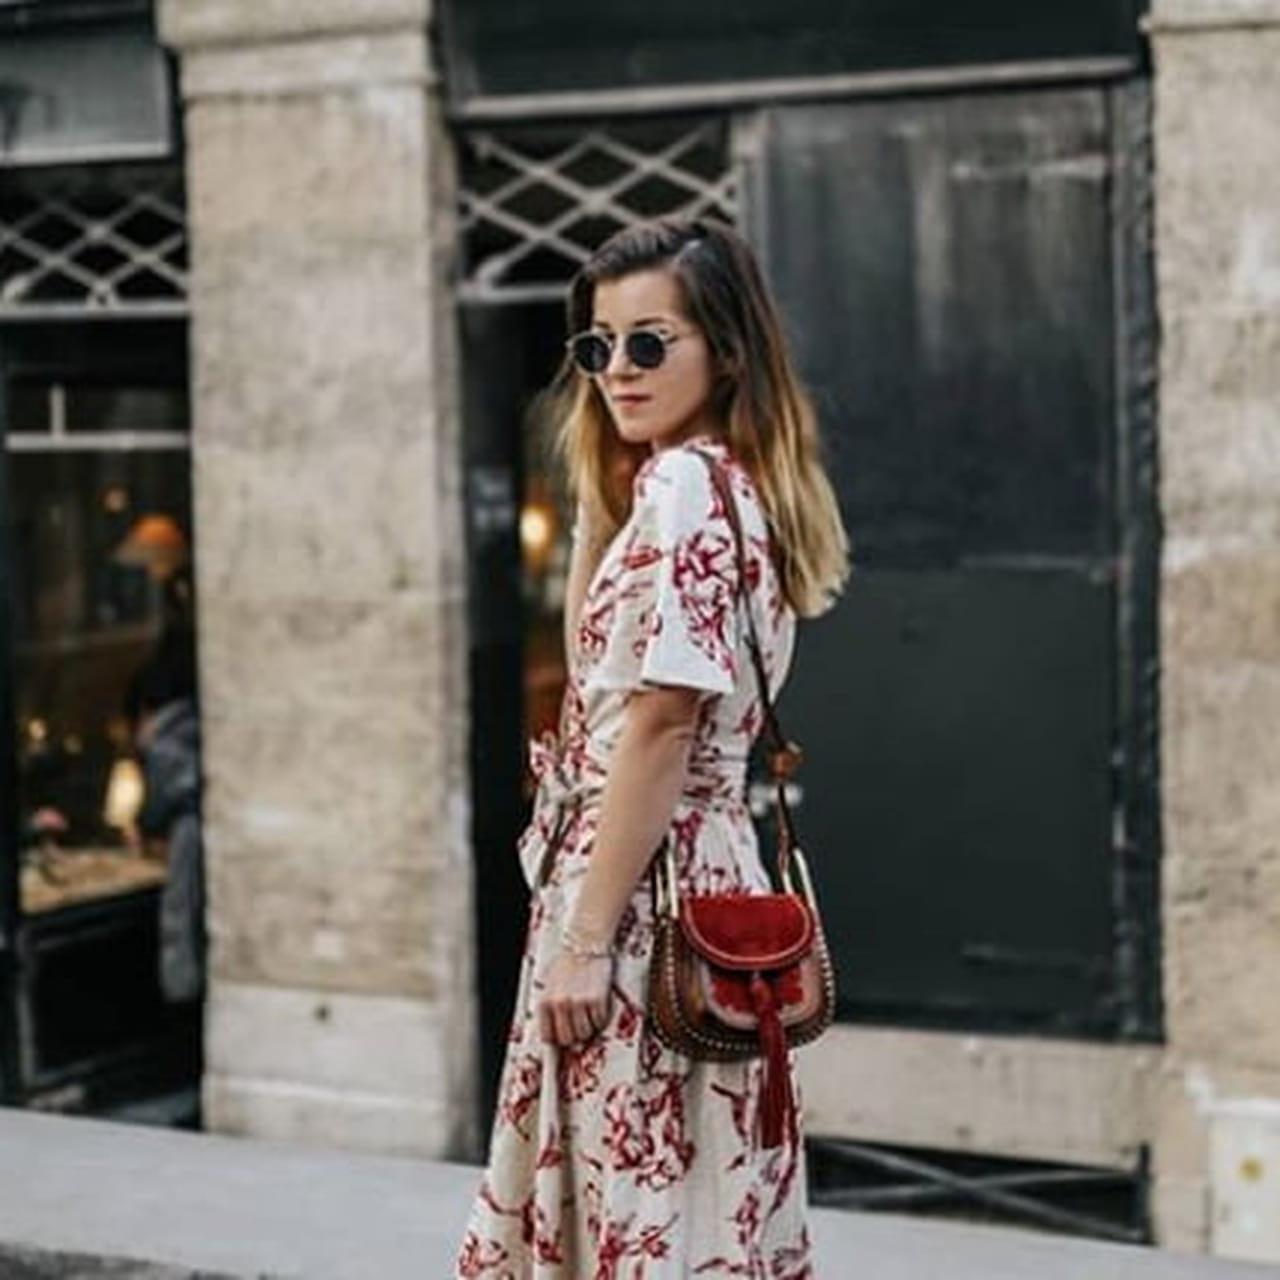 3455076db4 Comment porter la robe longue fleurie ? 30 looks inspirants